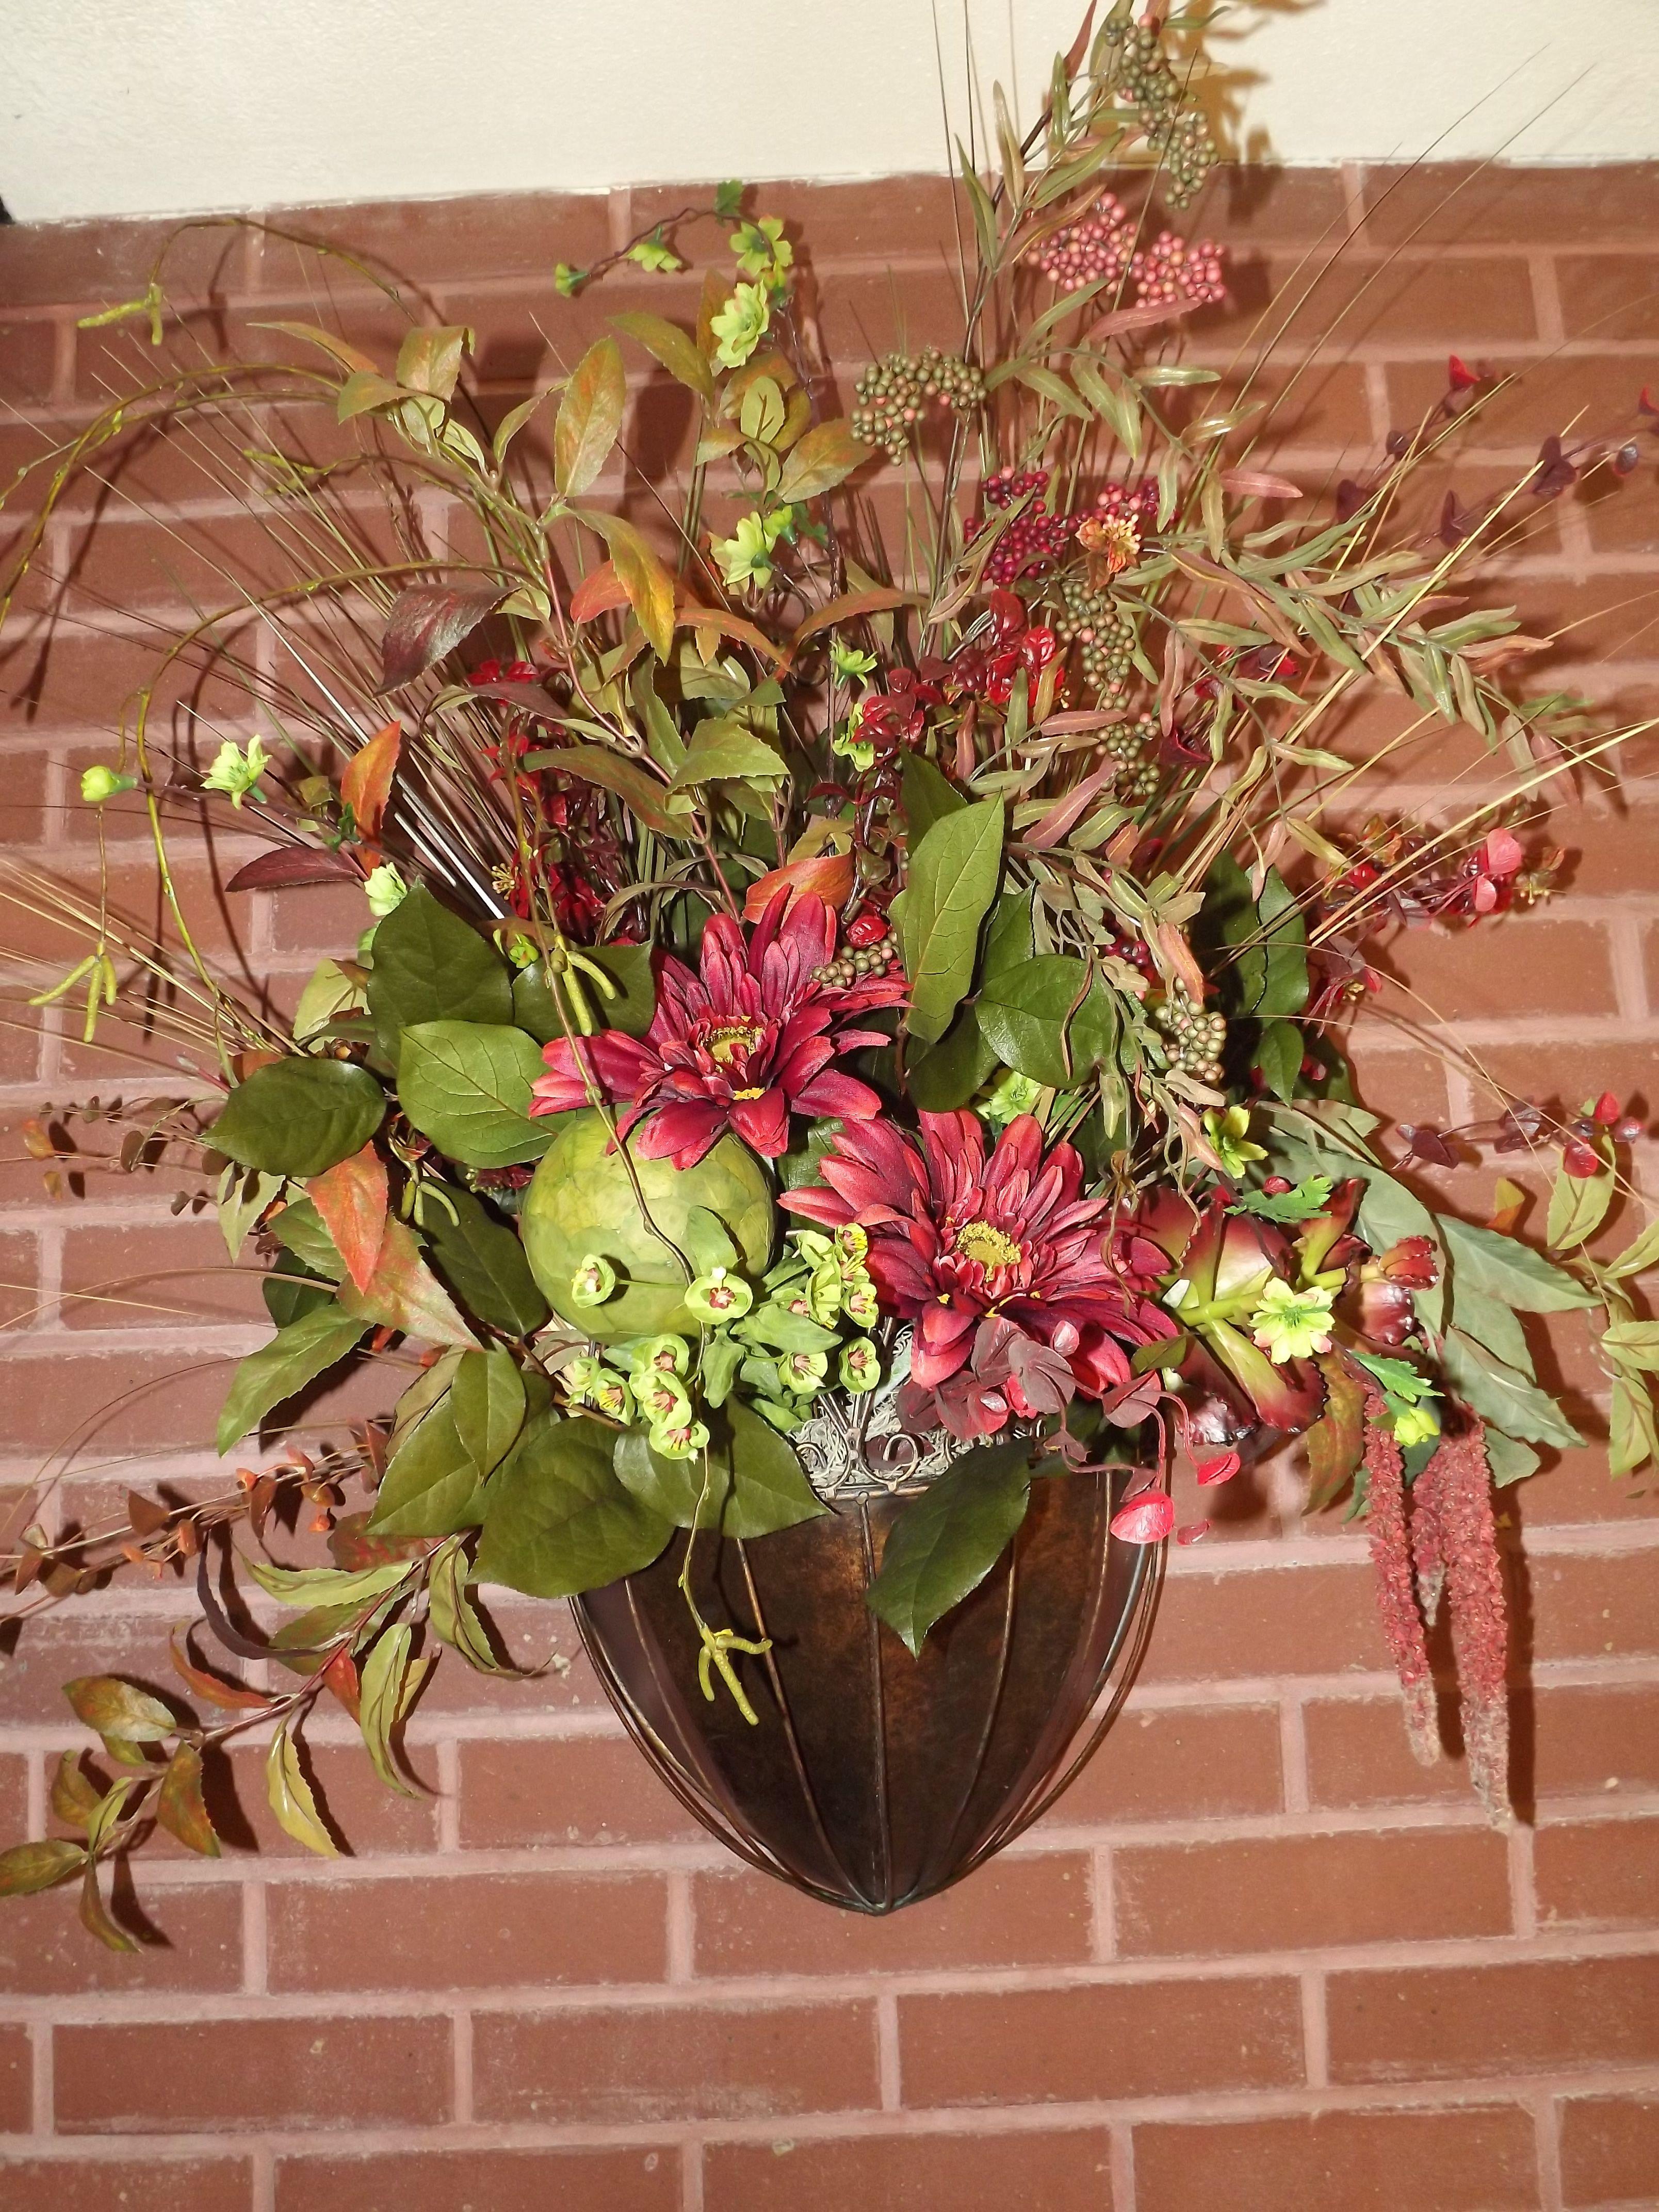 Wall Pocket Sconce Floral Arrangement | Floral ... on Wall Sconce Floral Arrangements Arrangement id=62588